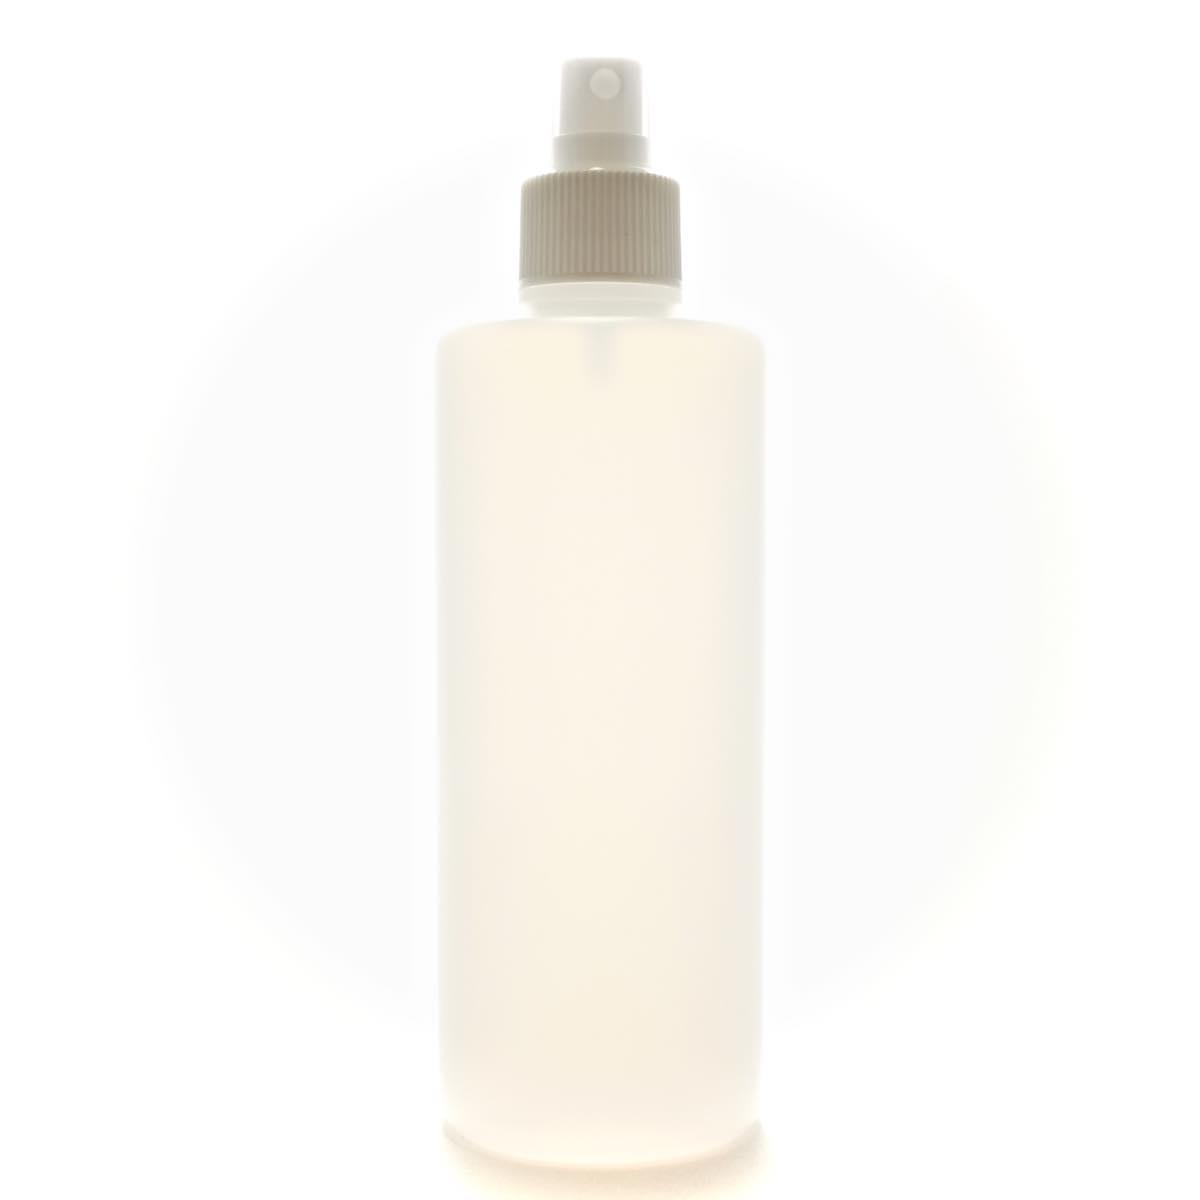 スプレーボトル 300mL 半透明 ストレートボトル【ホワイトフィンガースプレー】【190個入り/ロット 送料無料】